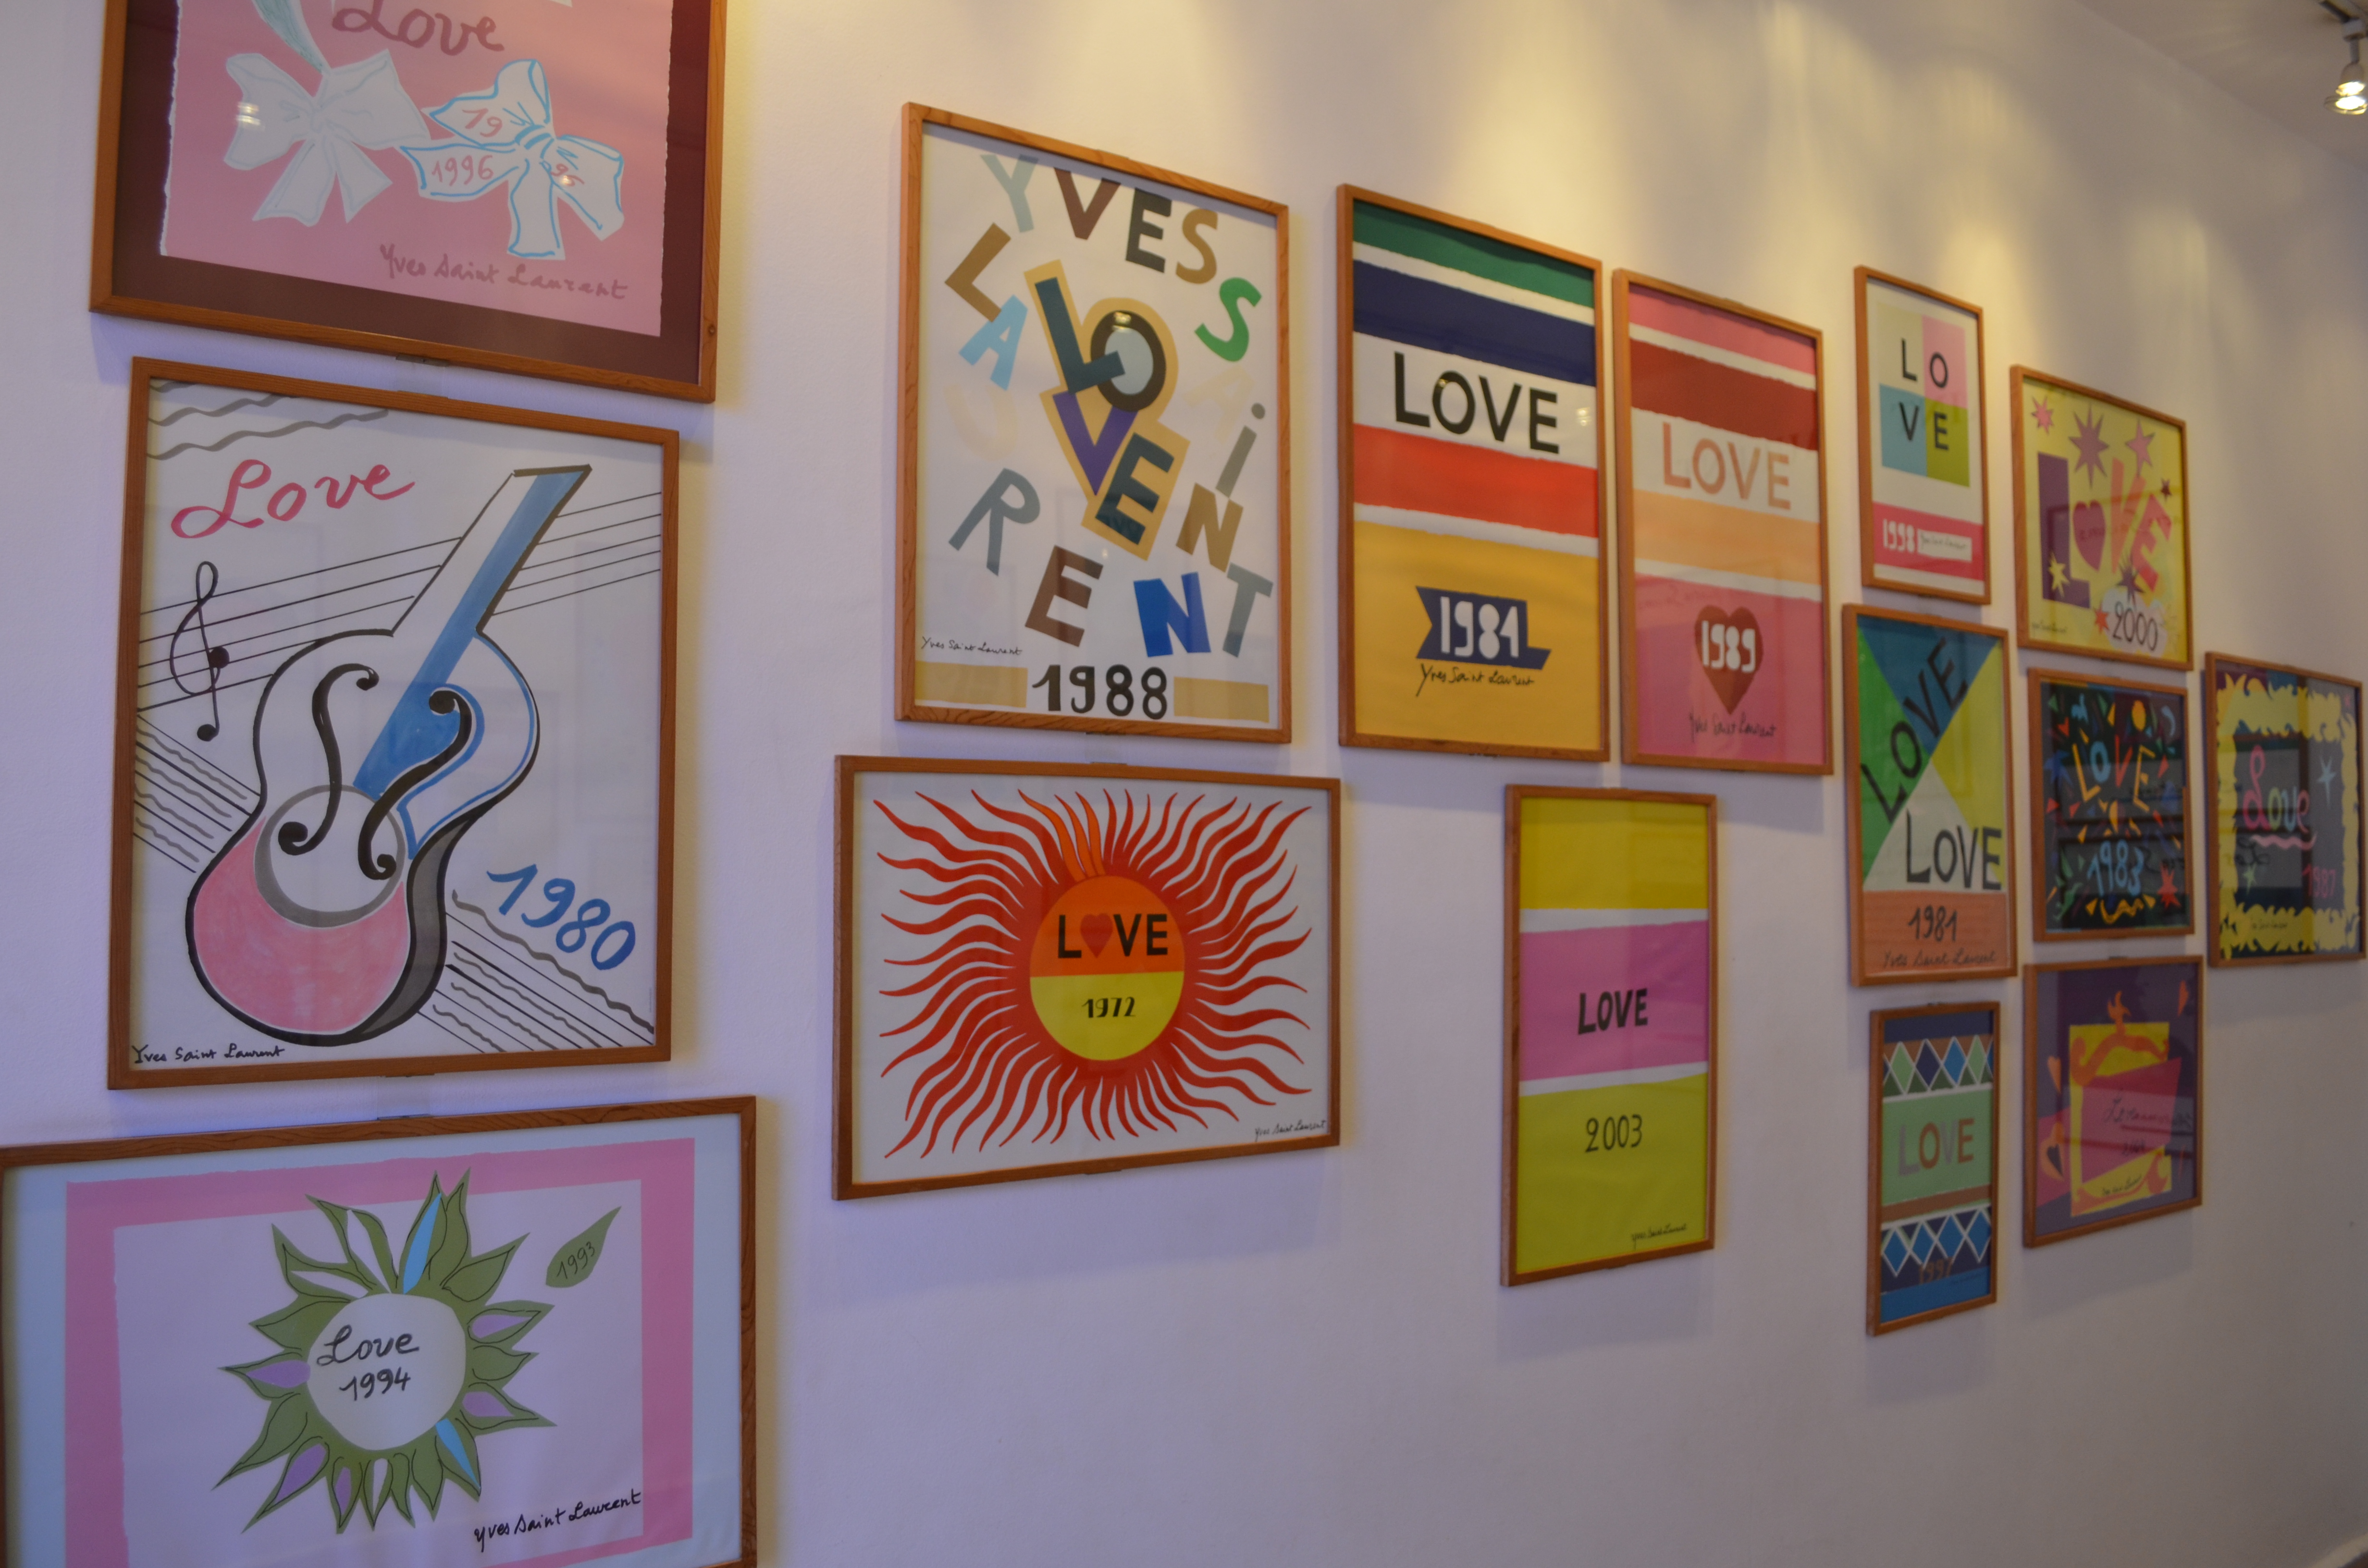 yves saint laurent love plakater